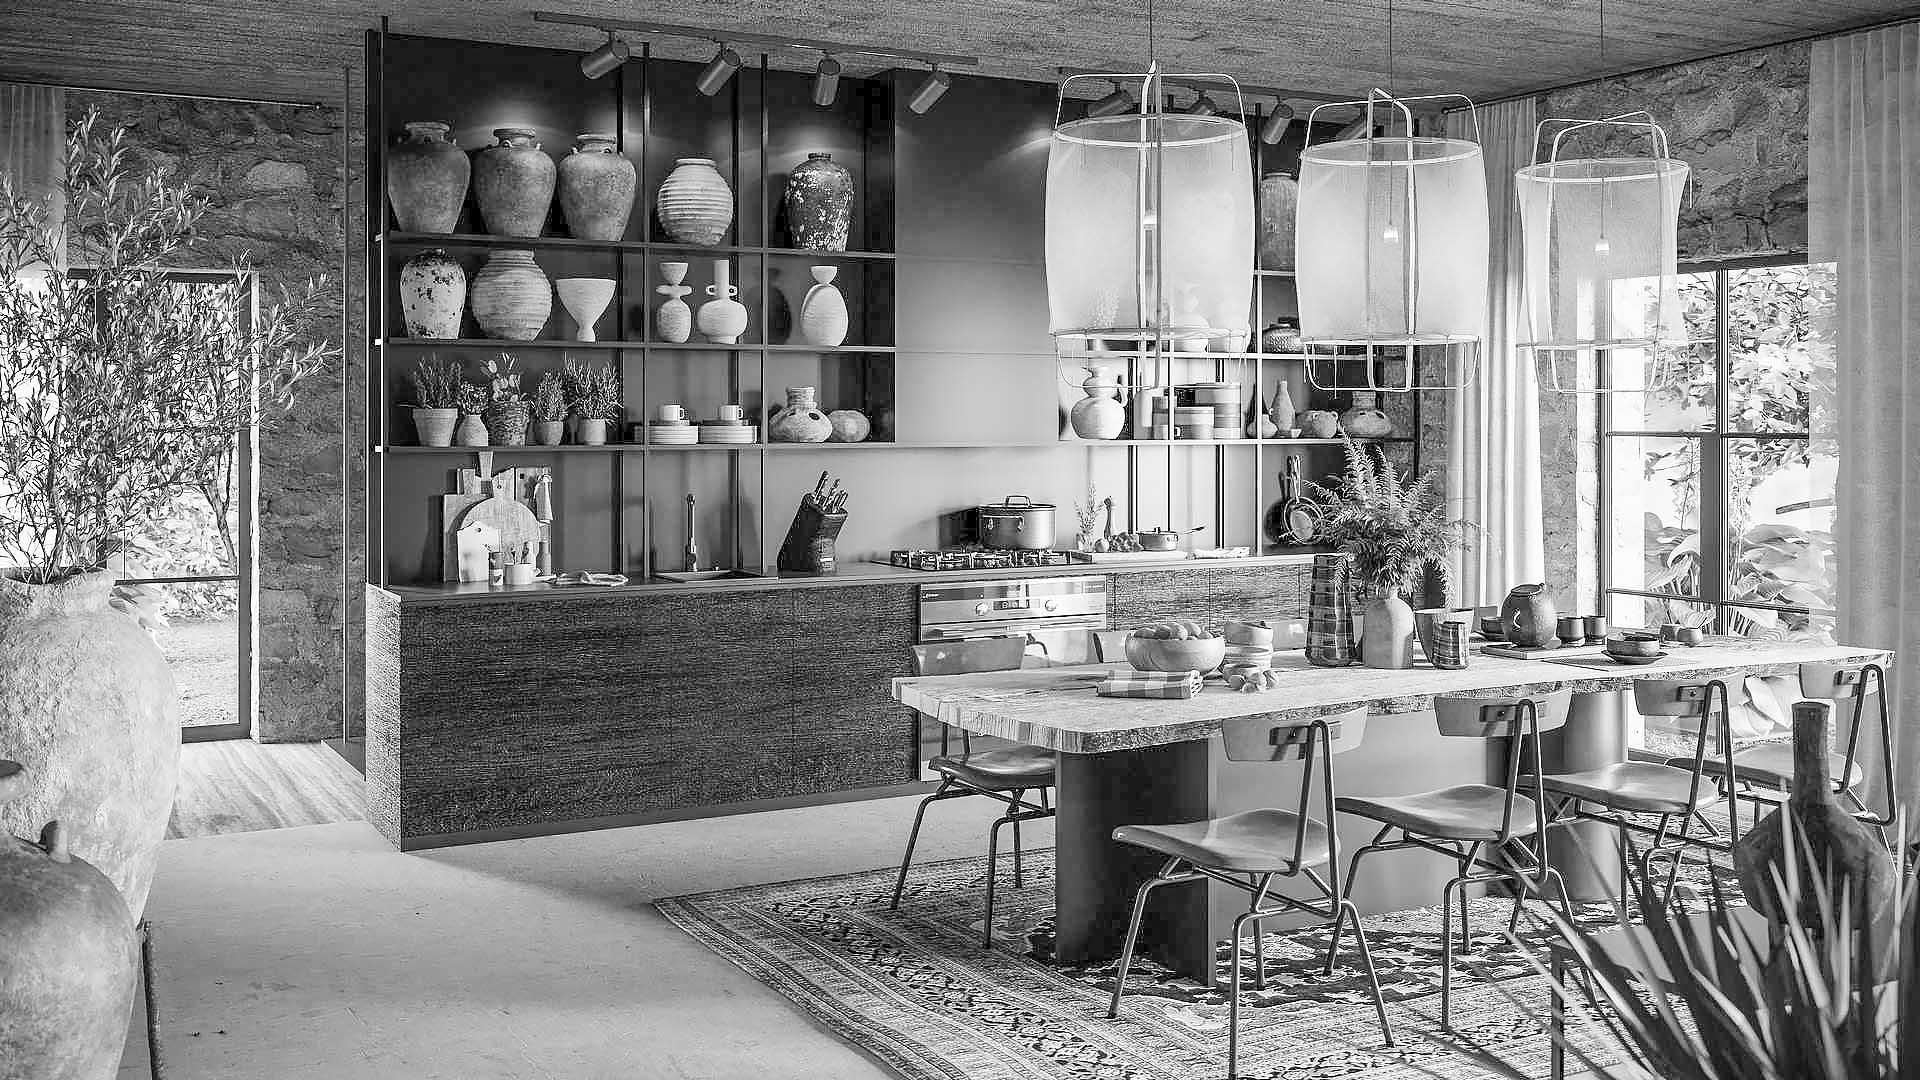 Interior visualization for designers and architect | Визуализация интерьеров для дизайнеров и архитекторов